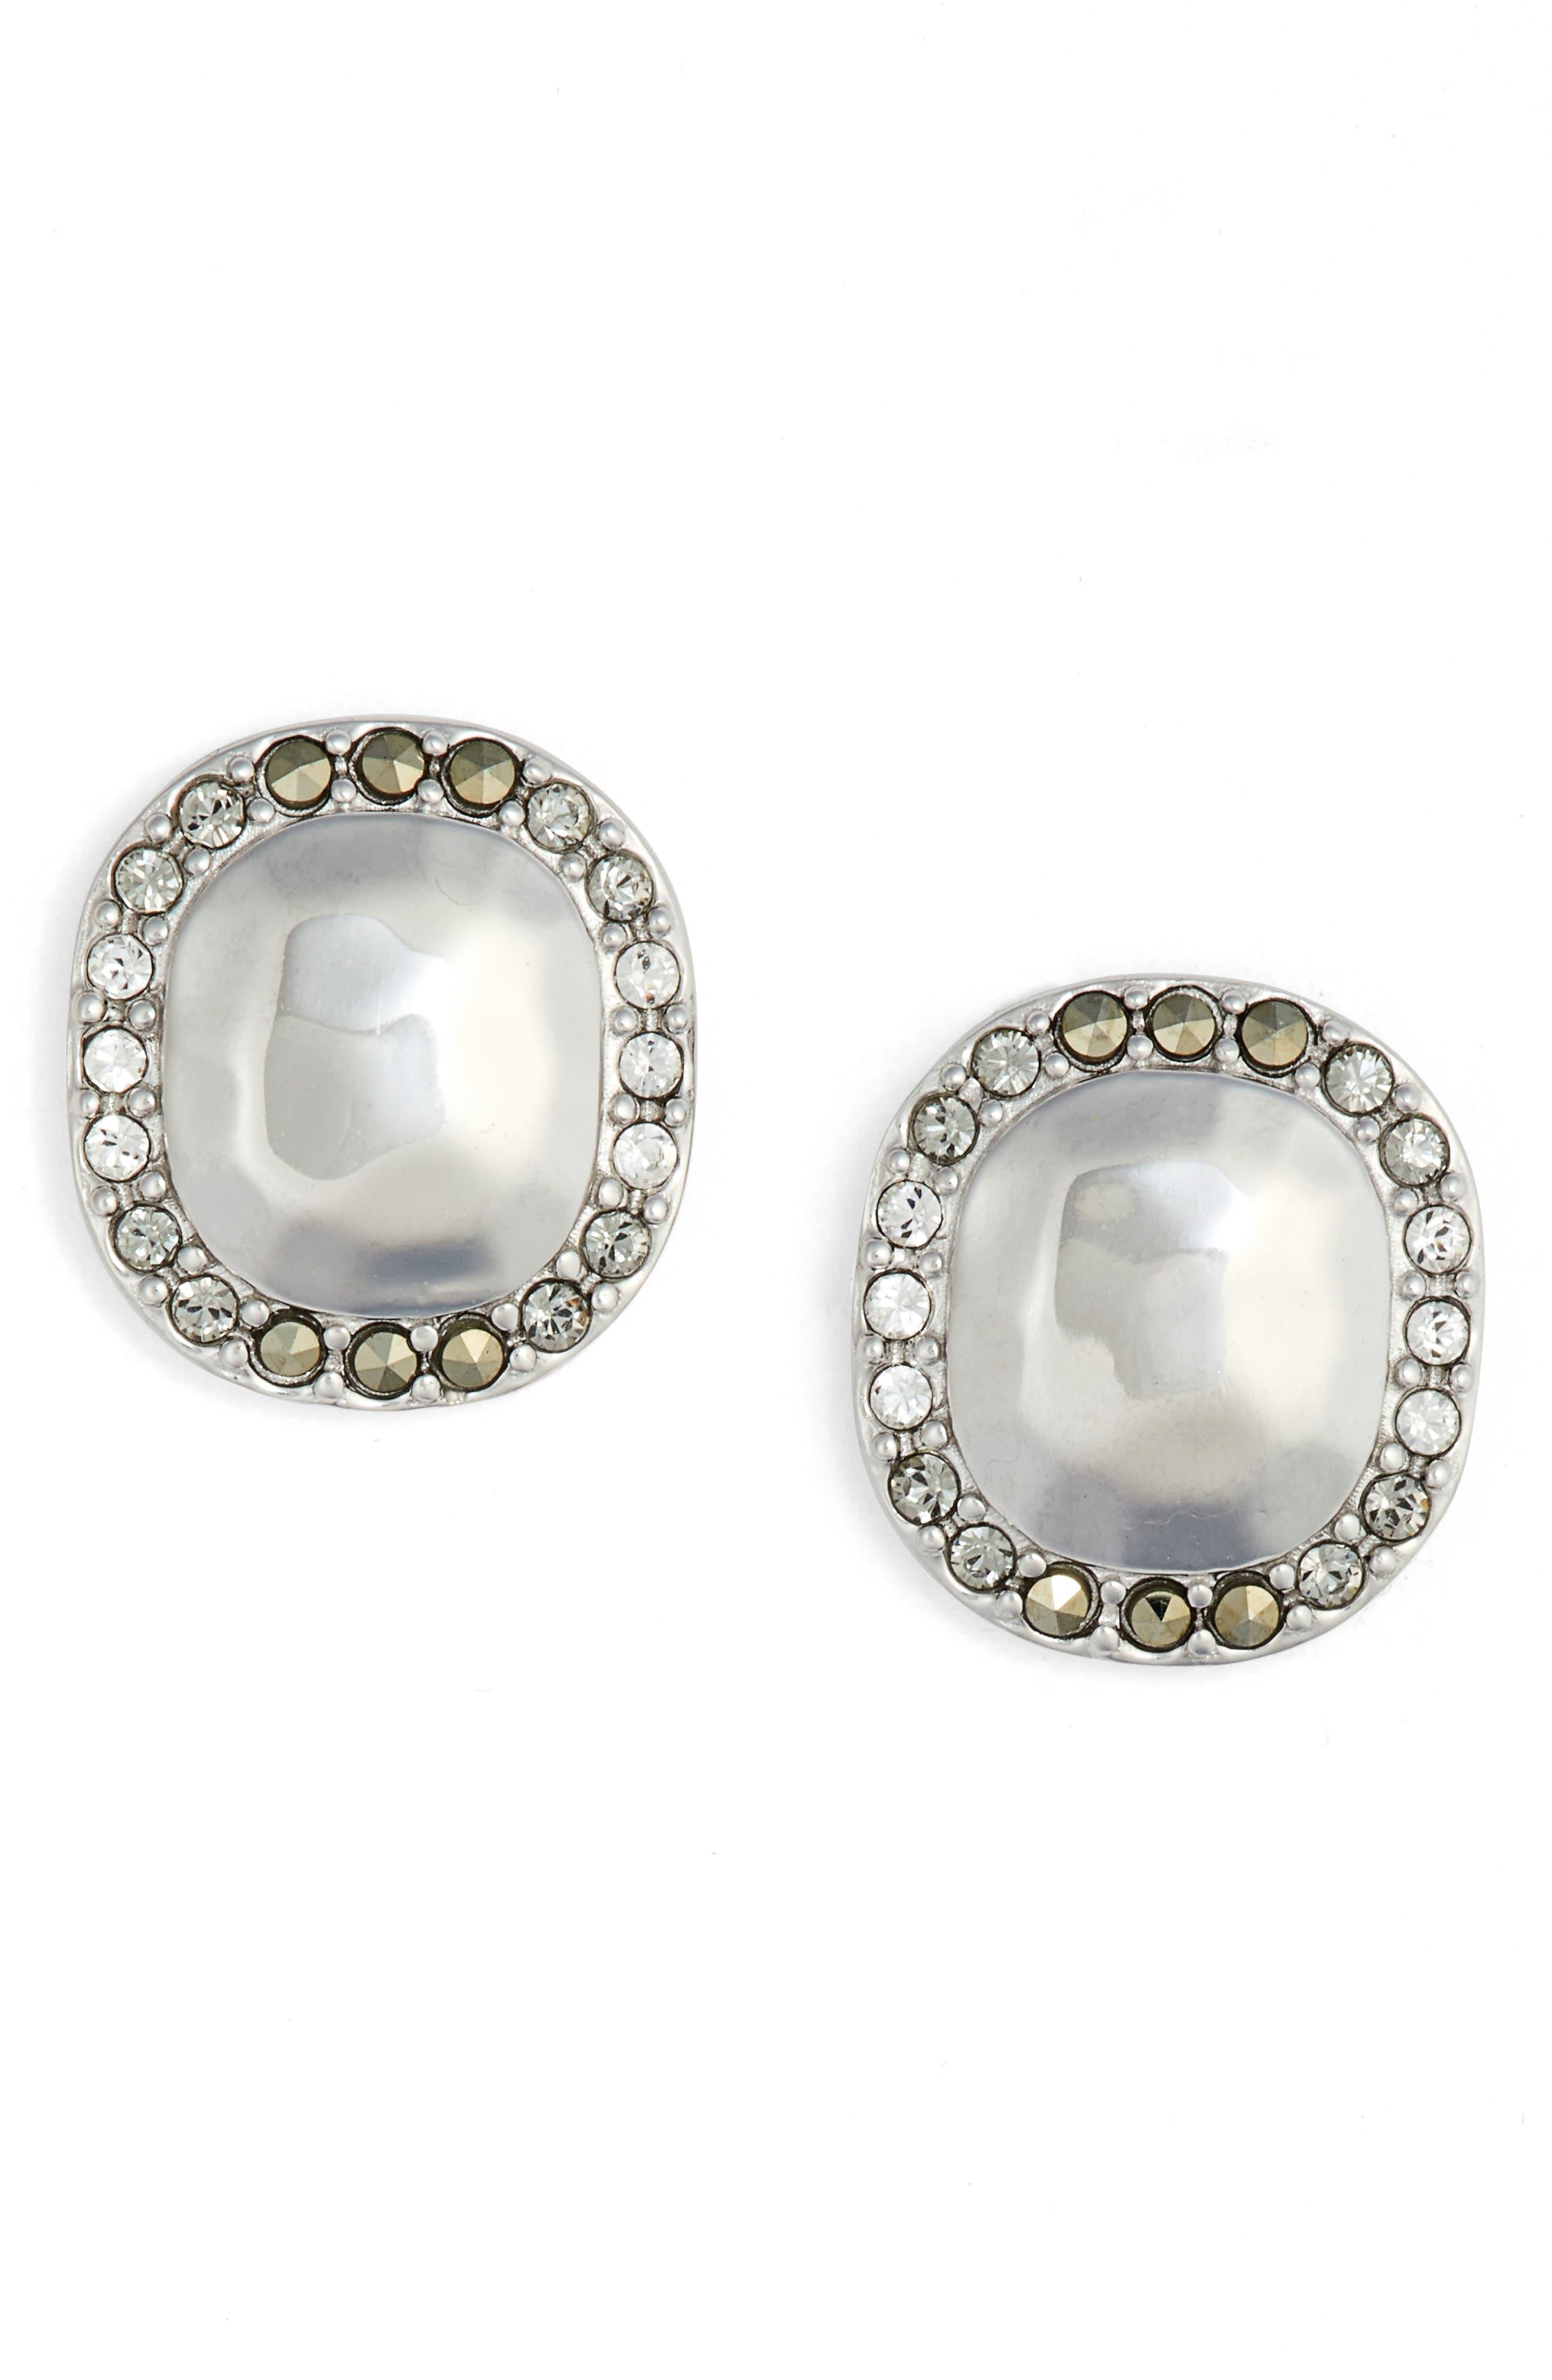 Main Image - Judith Jack Jewel Stud Earrings